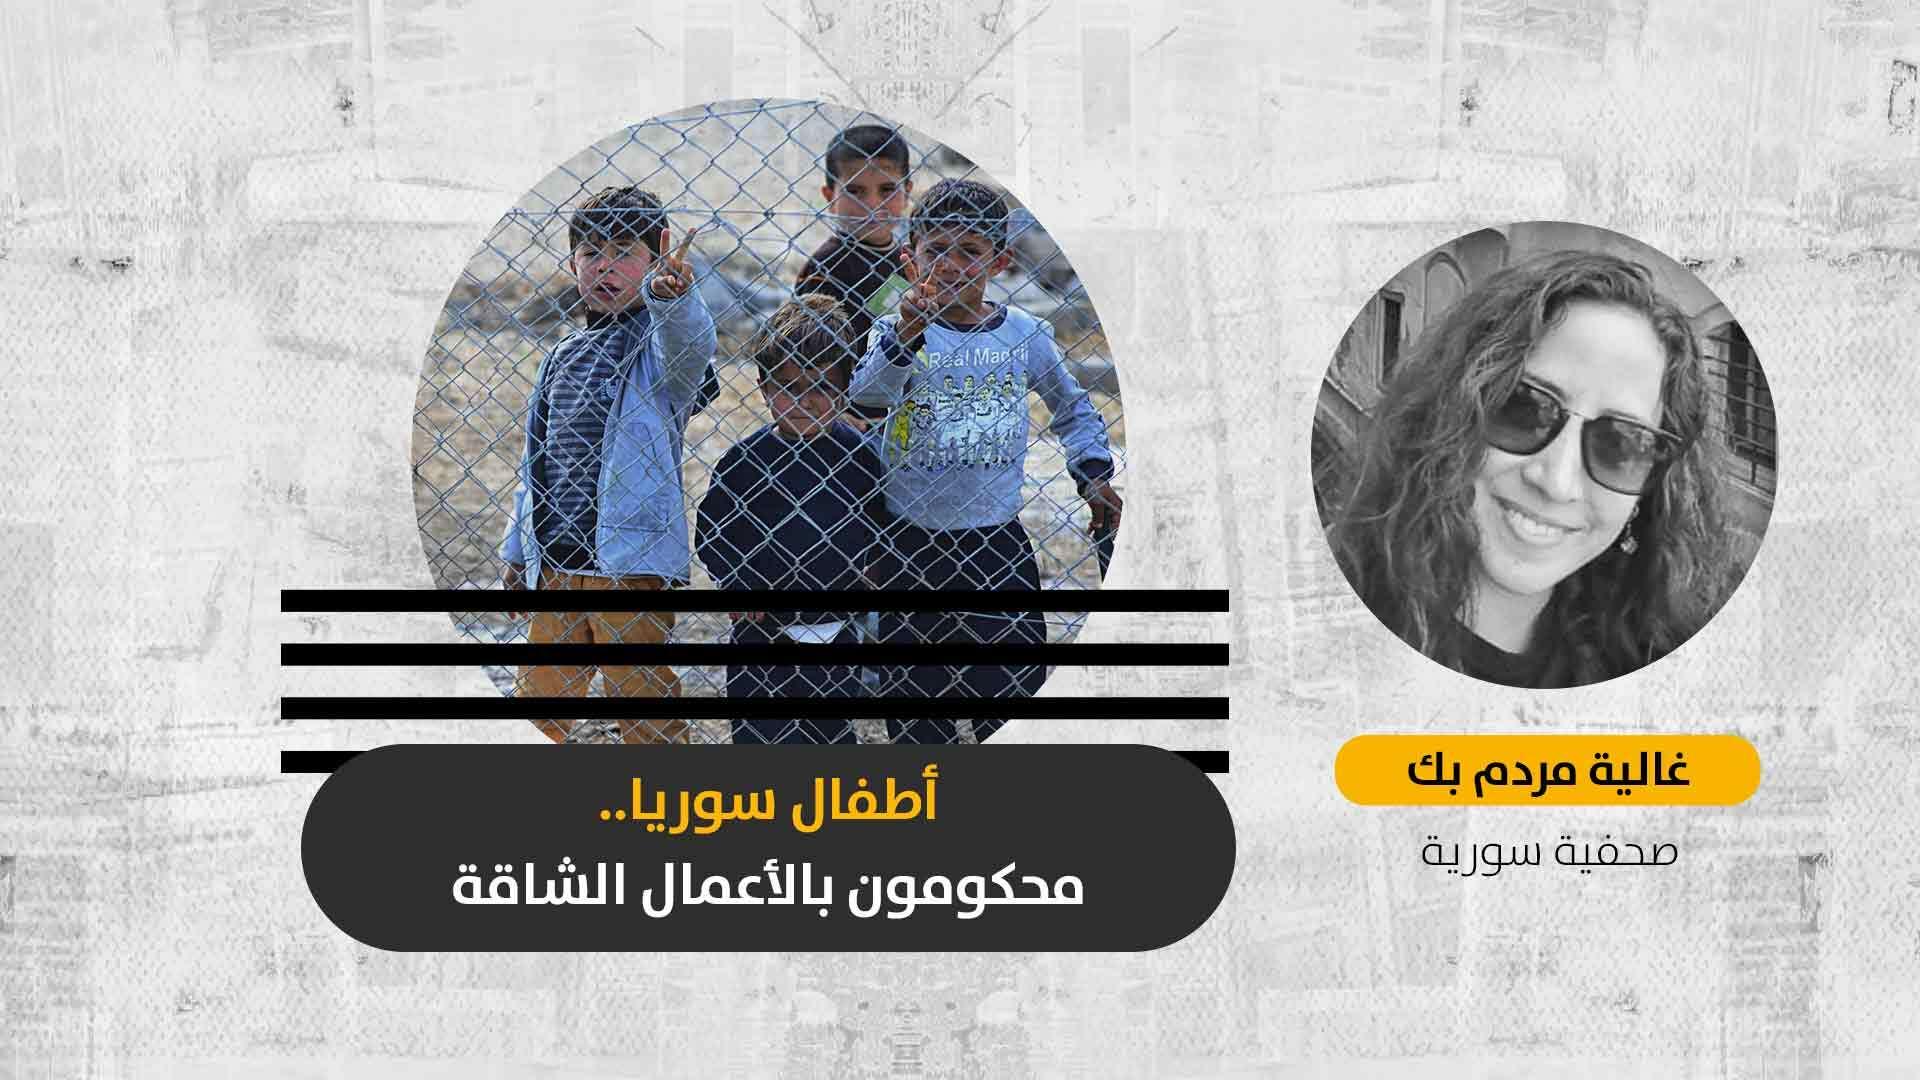 الطفولة المهدورة في سوريا.. اليوم العالمي لمكافحة عمل الأطفال